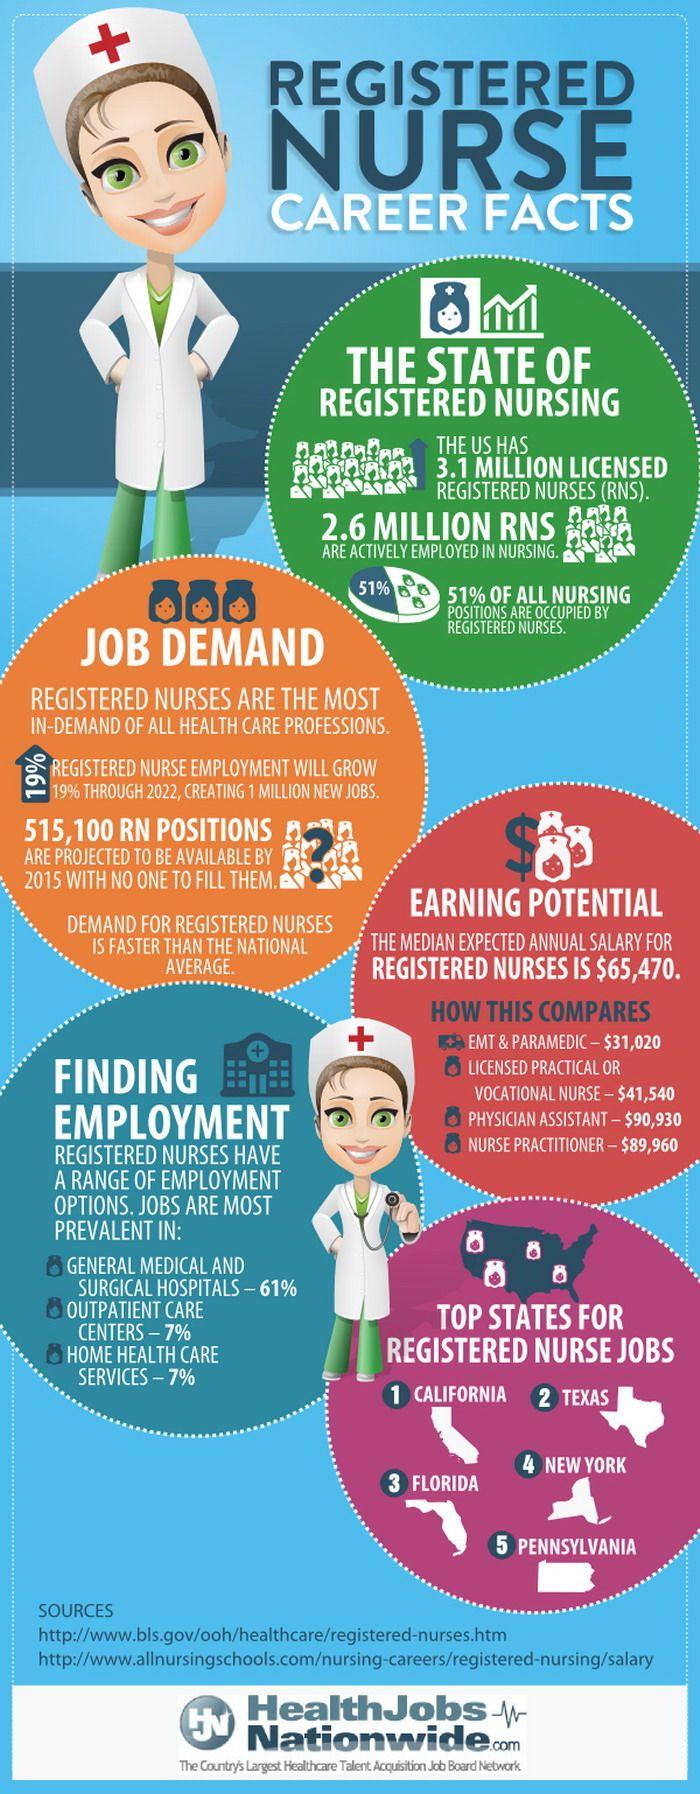 17 best ideas about registered nurse salary on pinterest, Cephalic Vein